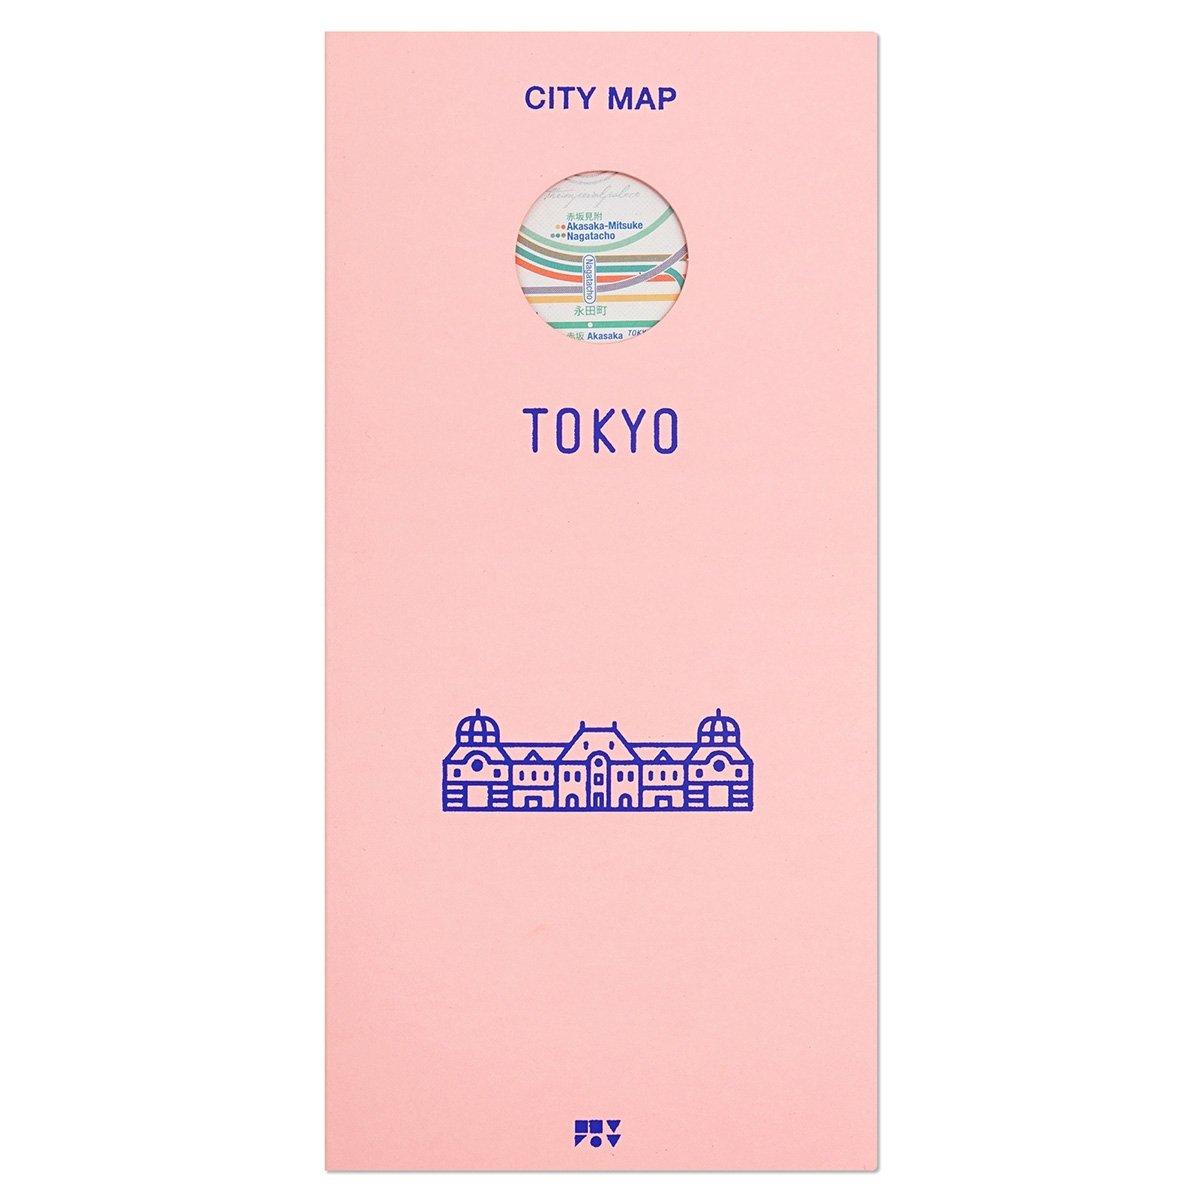 Citymaps zero per zero